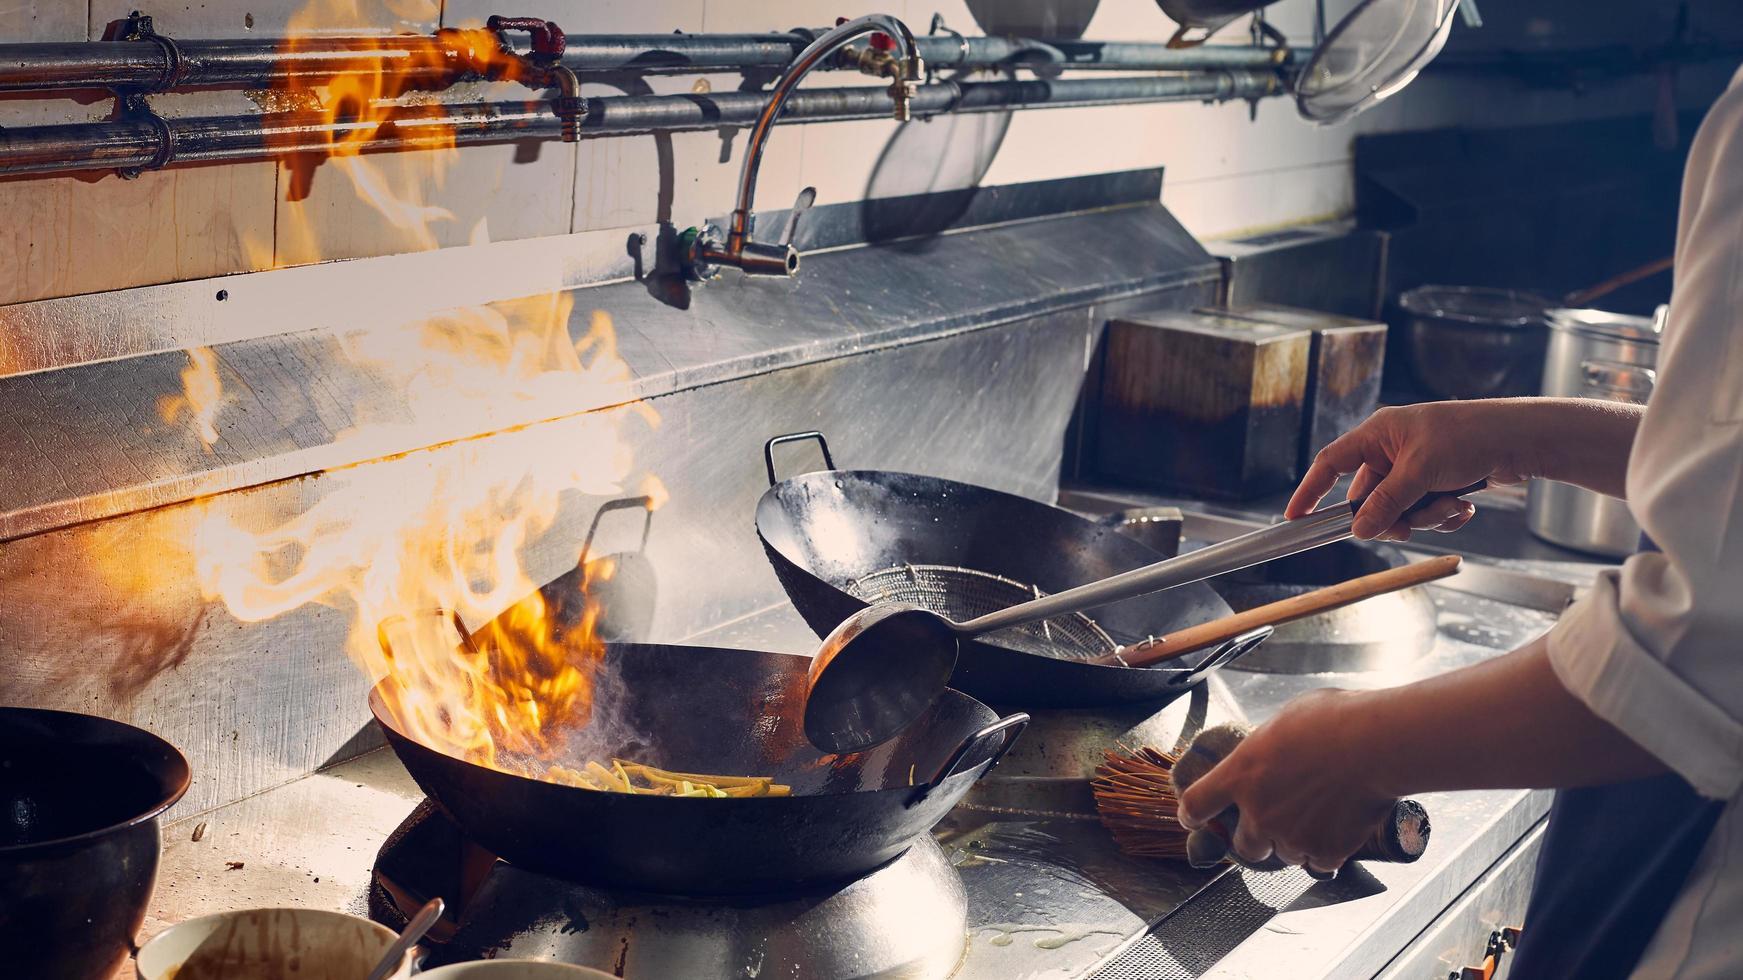 soffriggere in un wok foto